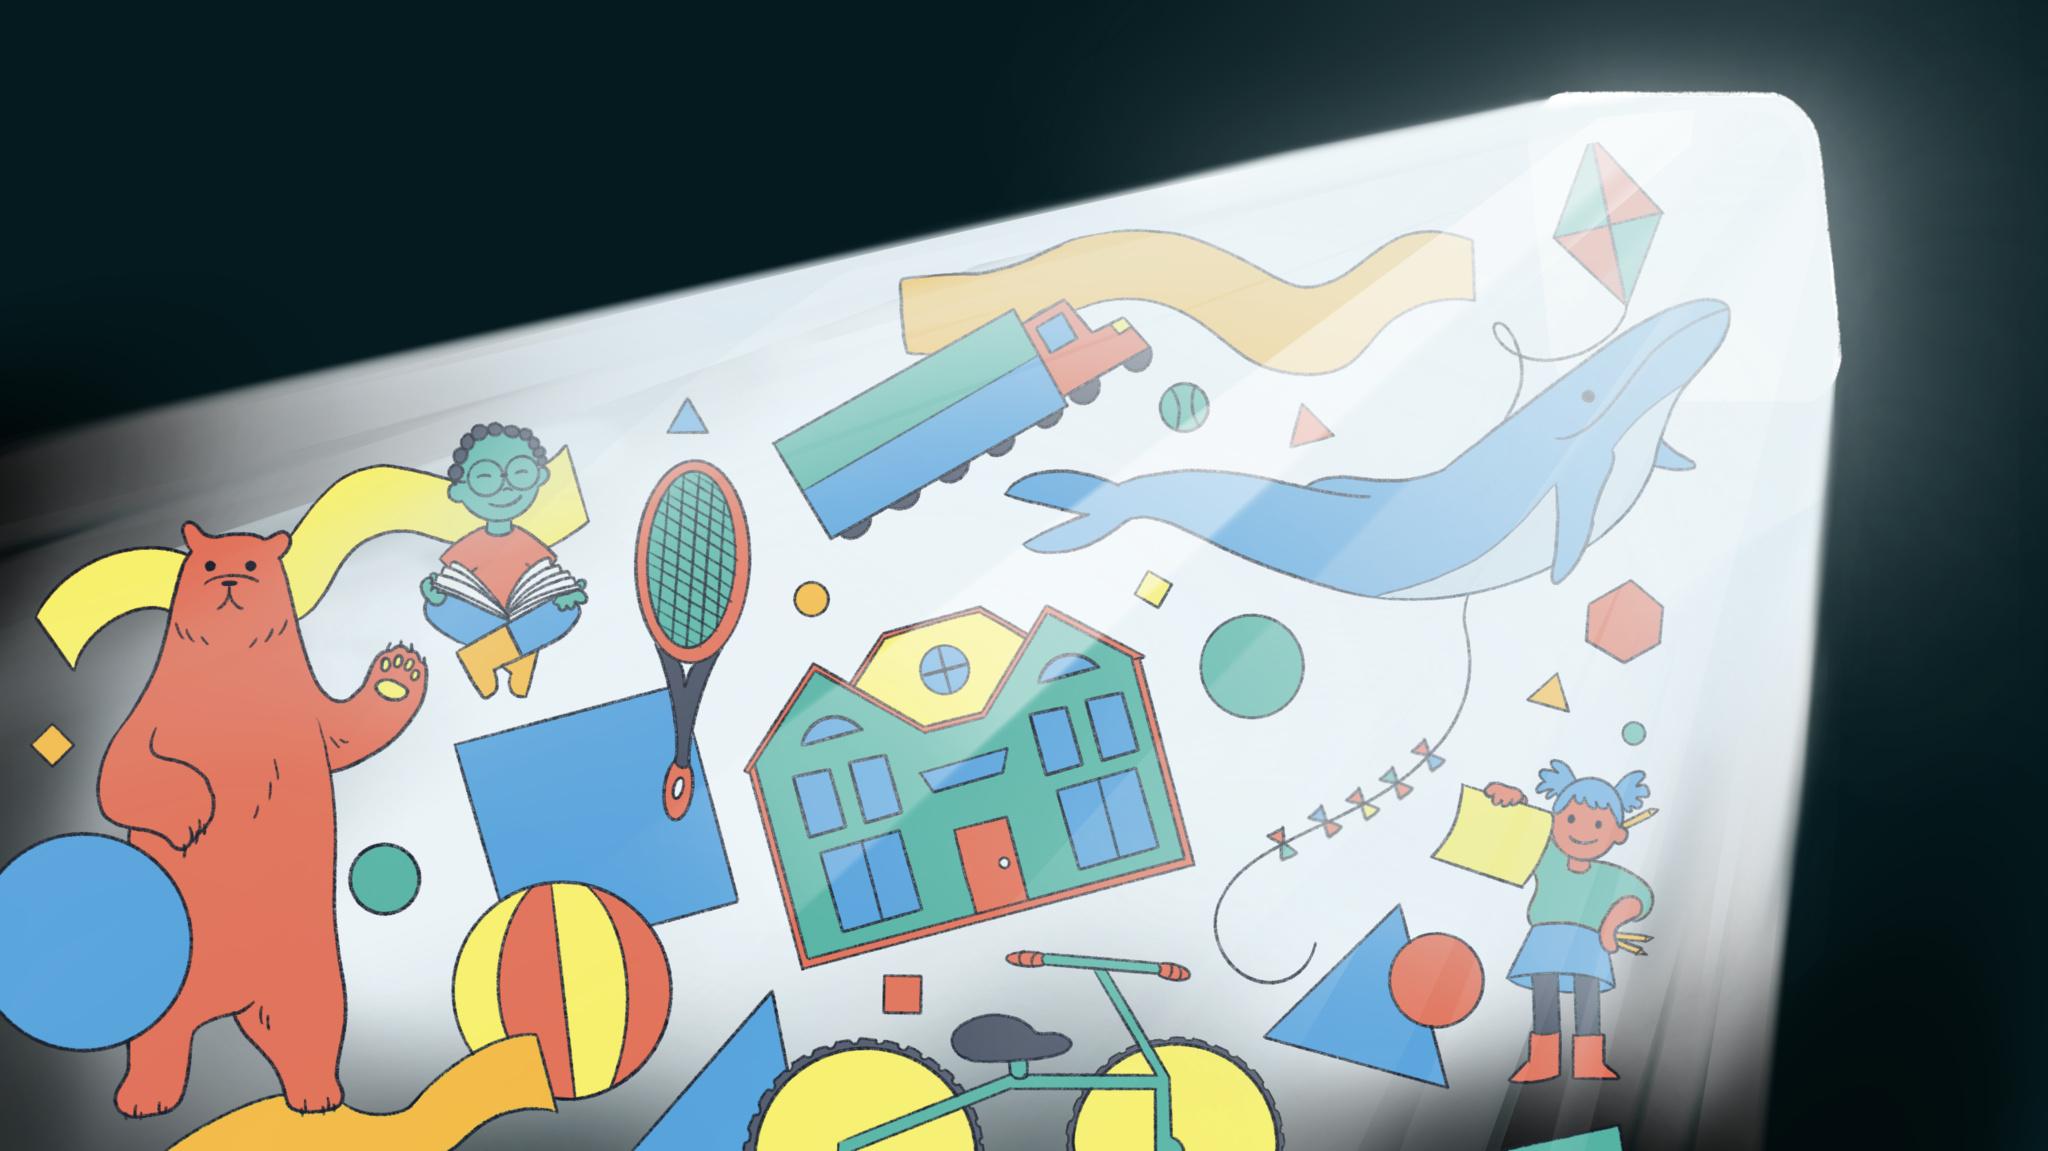 Le faisceau lumineux du coin supérieur droit révèle les jouets de la salle de jeux Pok Pok